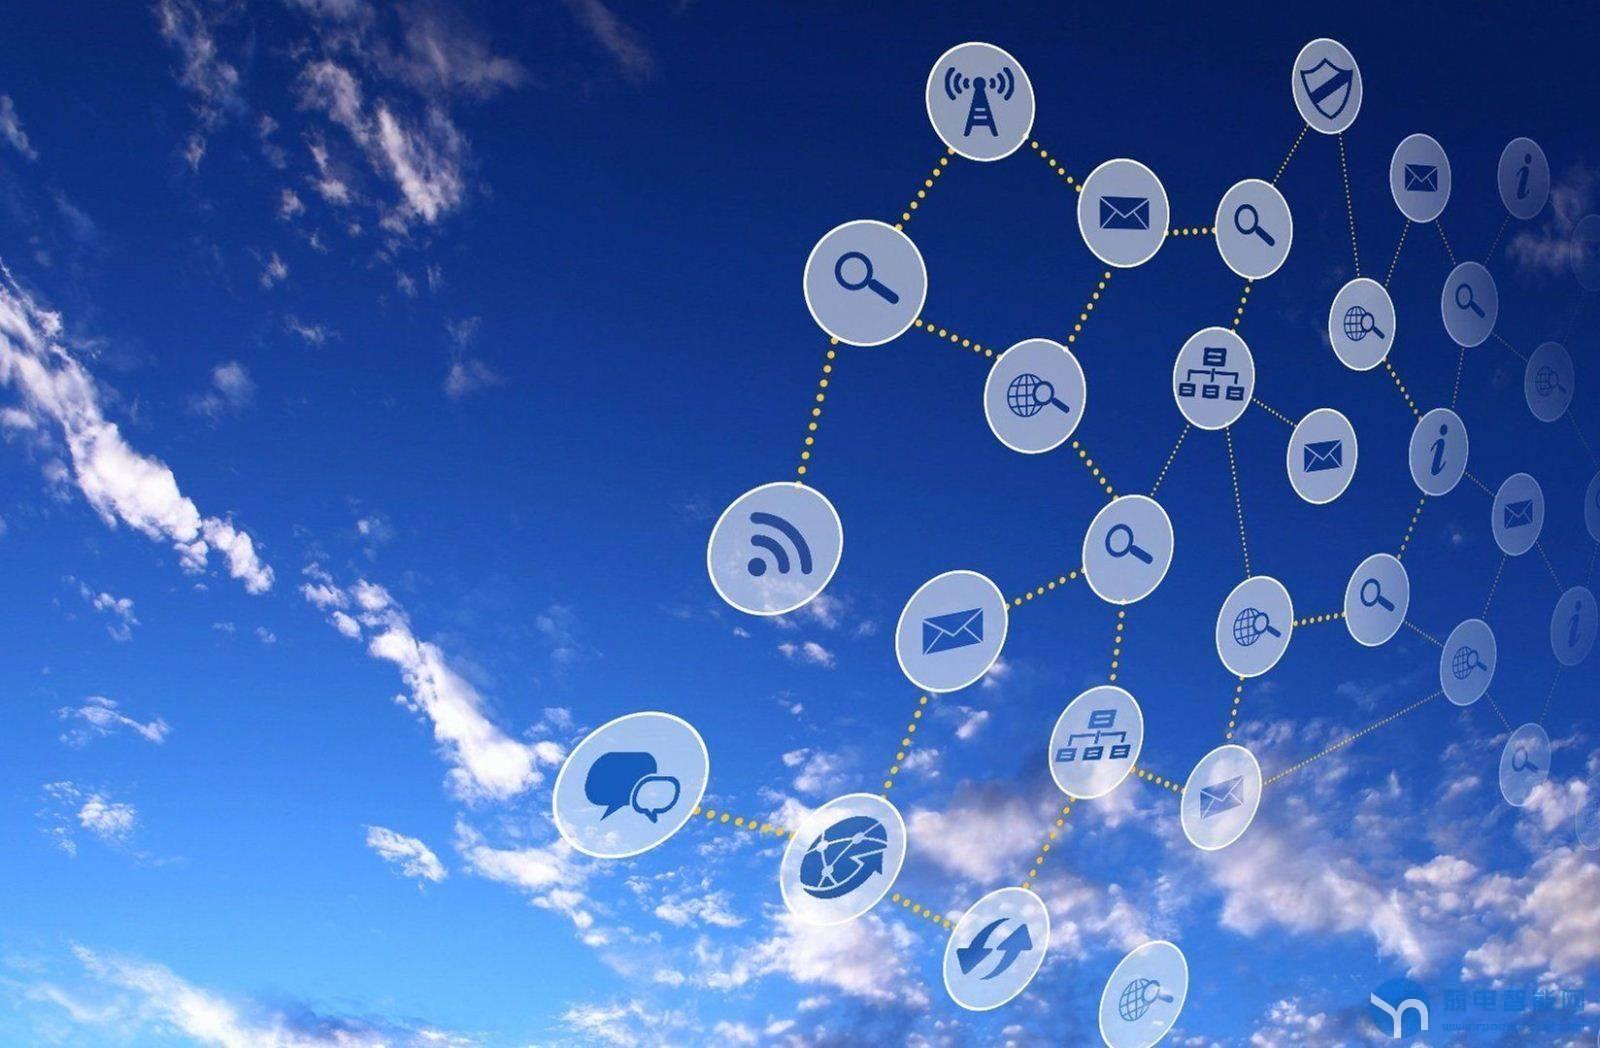 传感器行业市场规模及前景分析报告